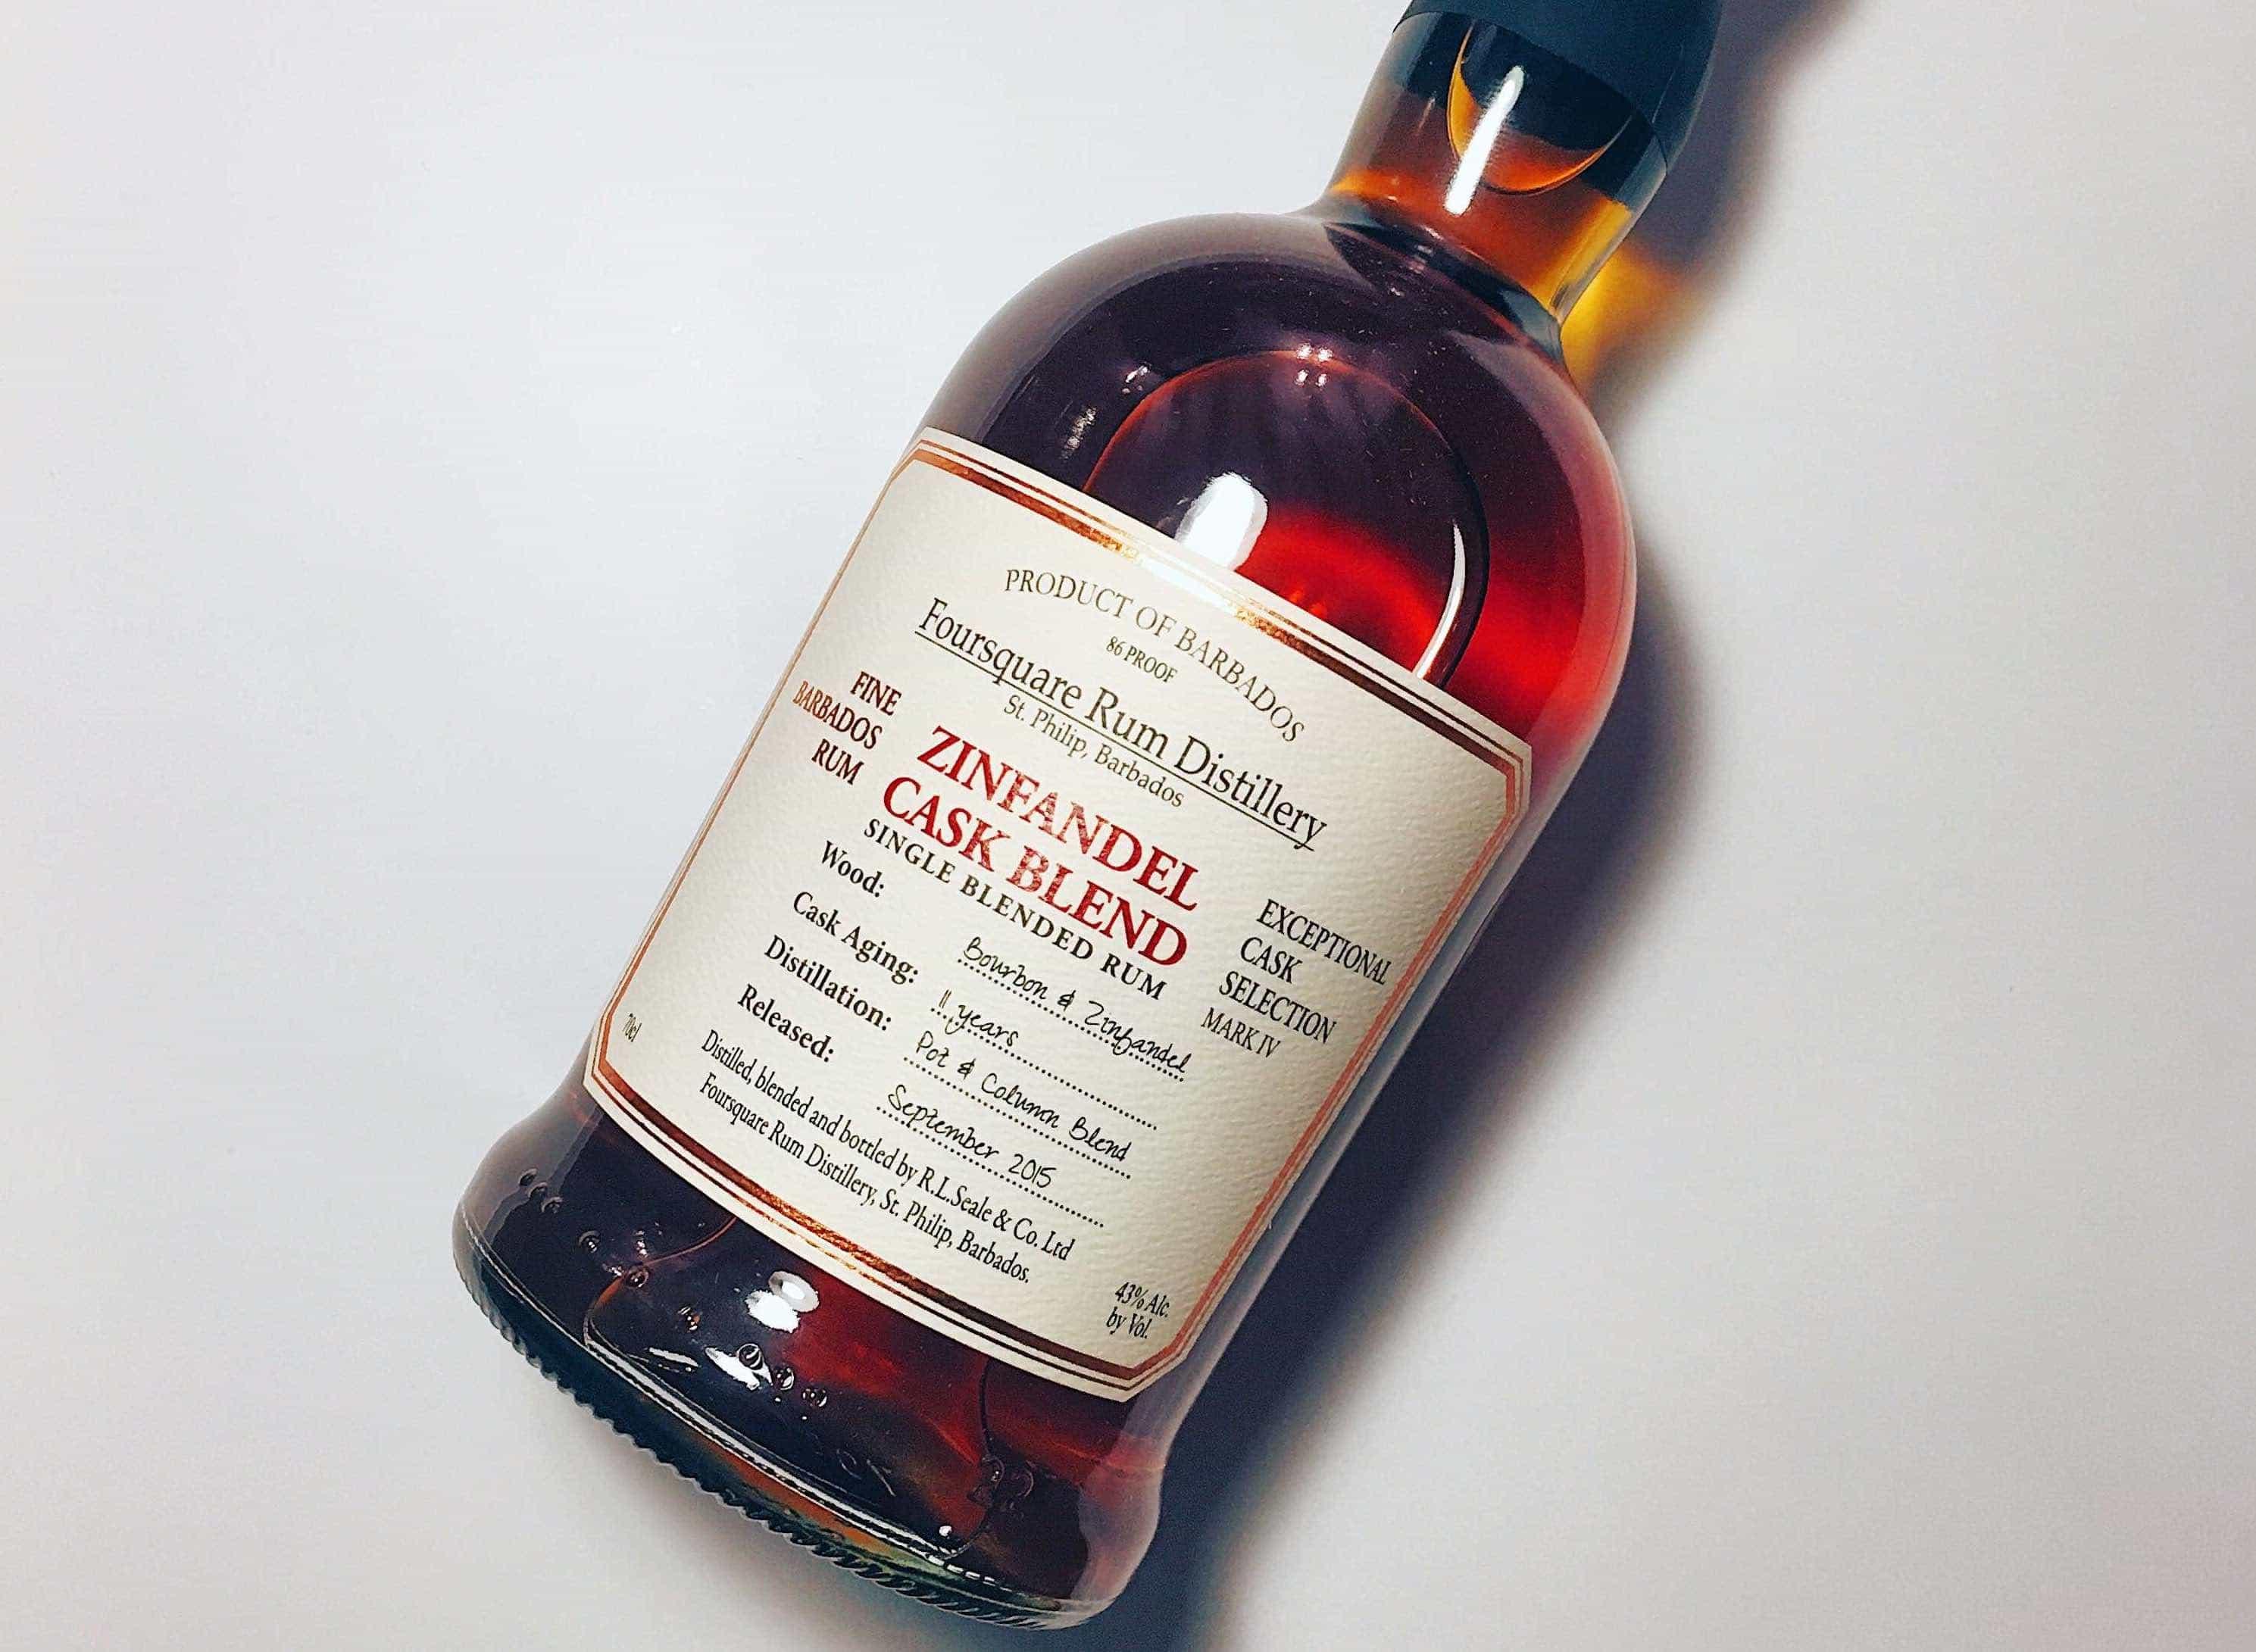 Foursquare Rum Zinfandel